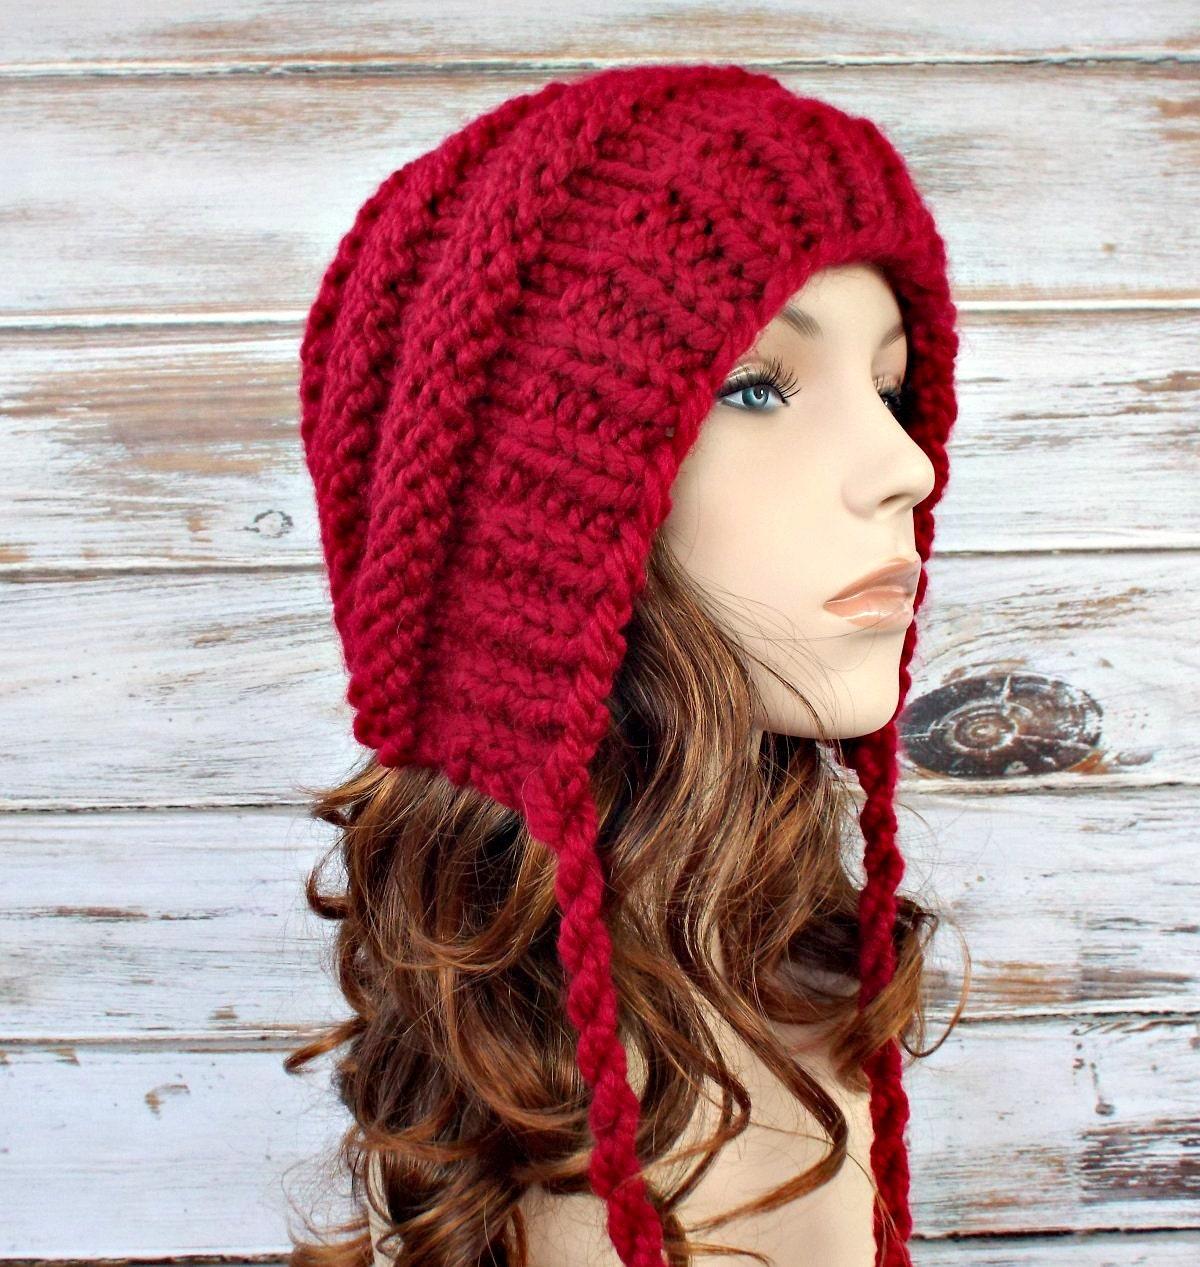 Knitting Women S Hats : Knit hat red womens ear flap beanie georgette